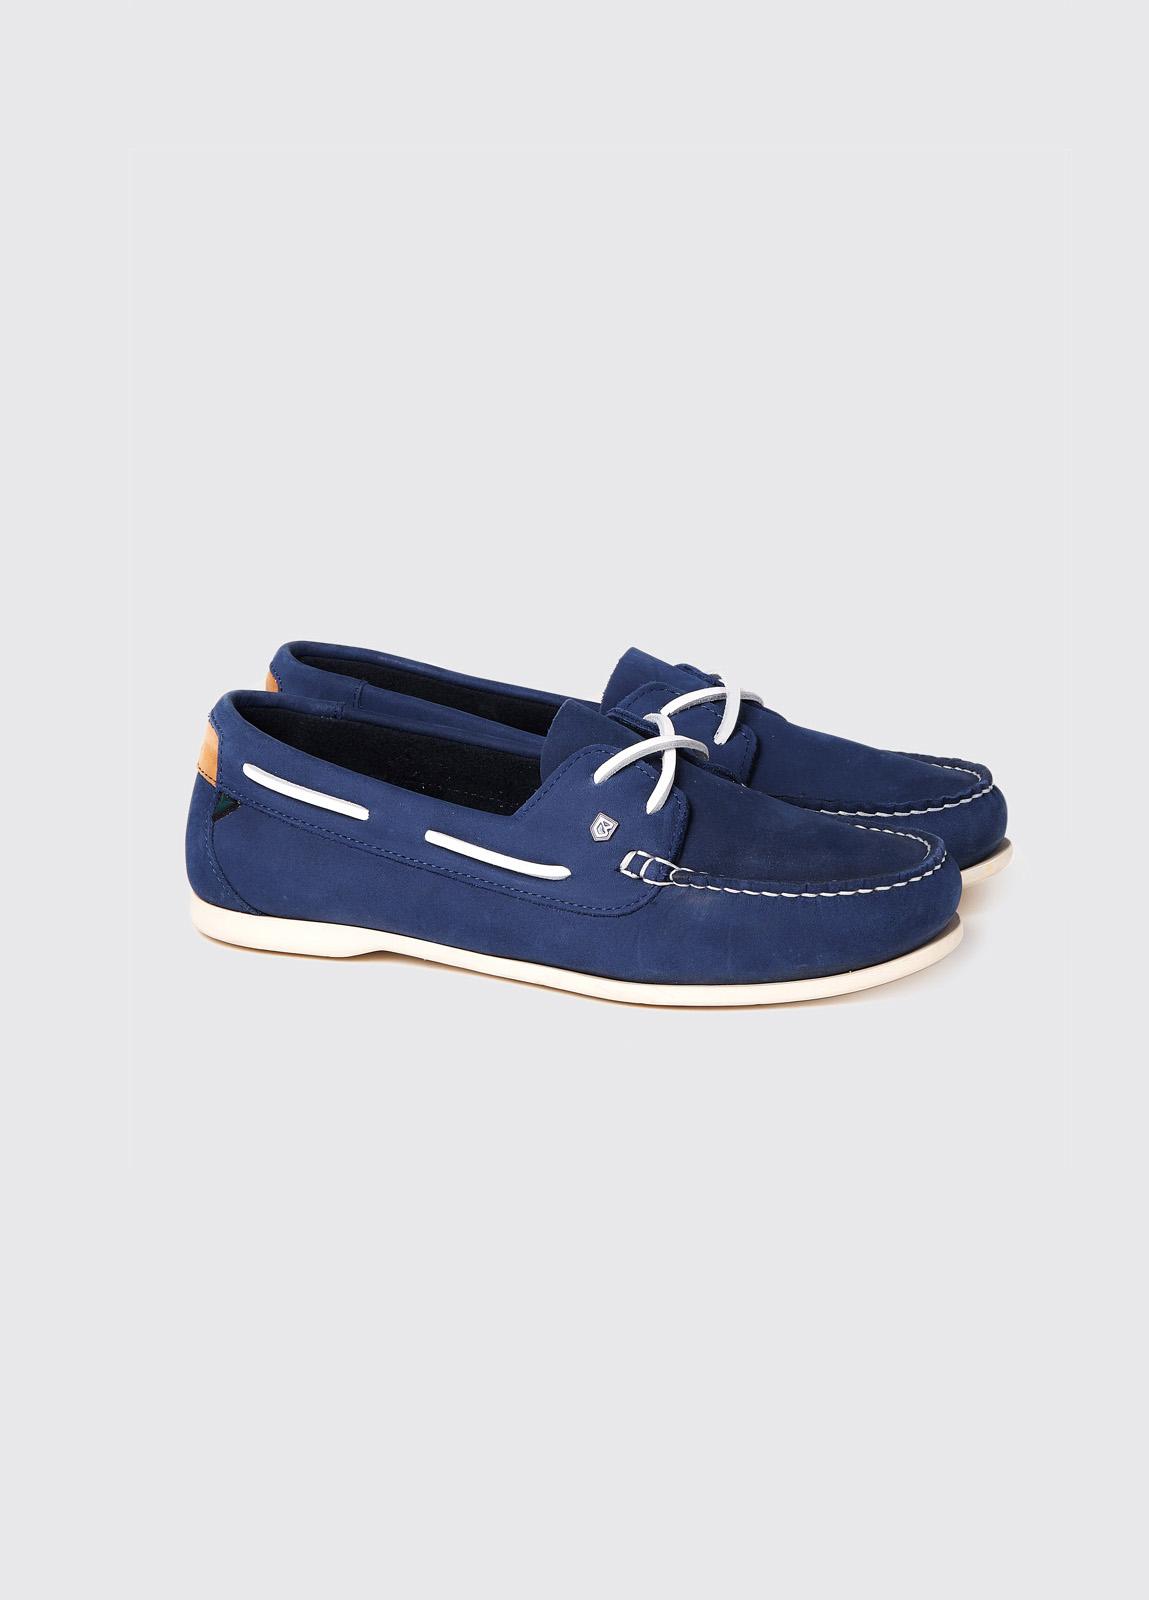 Aruba Deck Shoe - Royal Blue